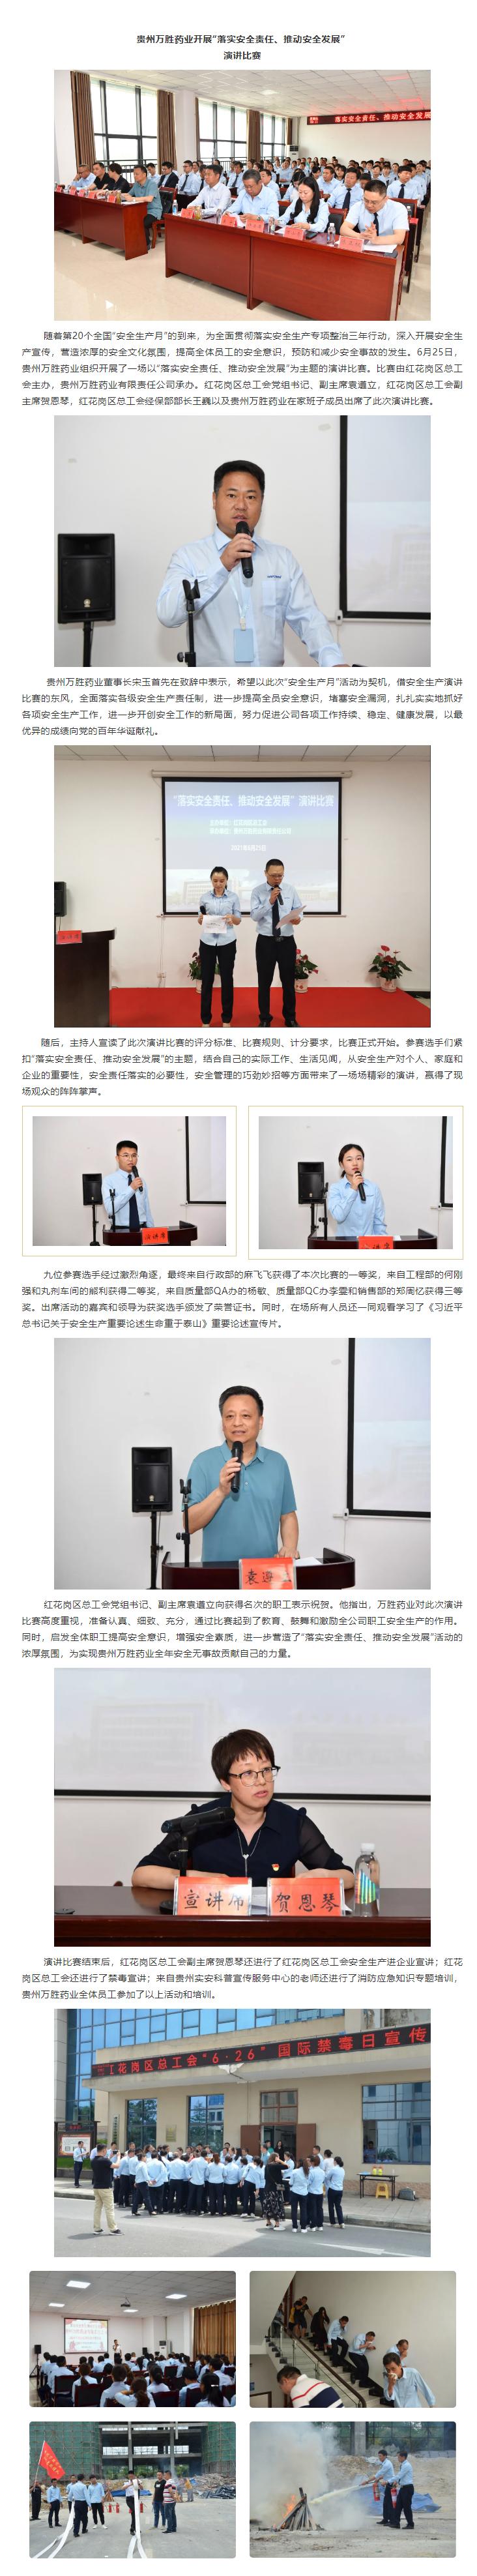 """贵州w88首页club w88开展""""落实安全责任、推动安全发展""""演讲比赛.jpg"""